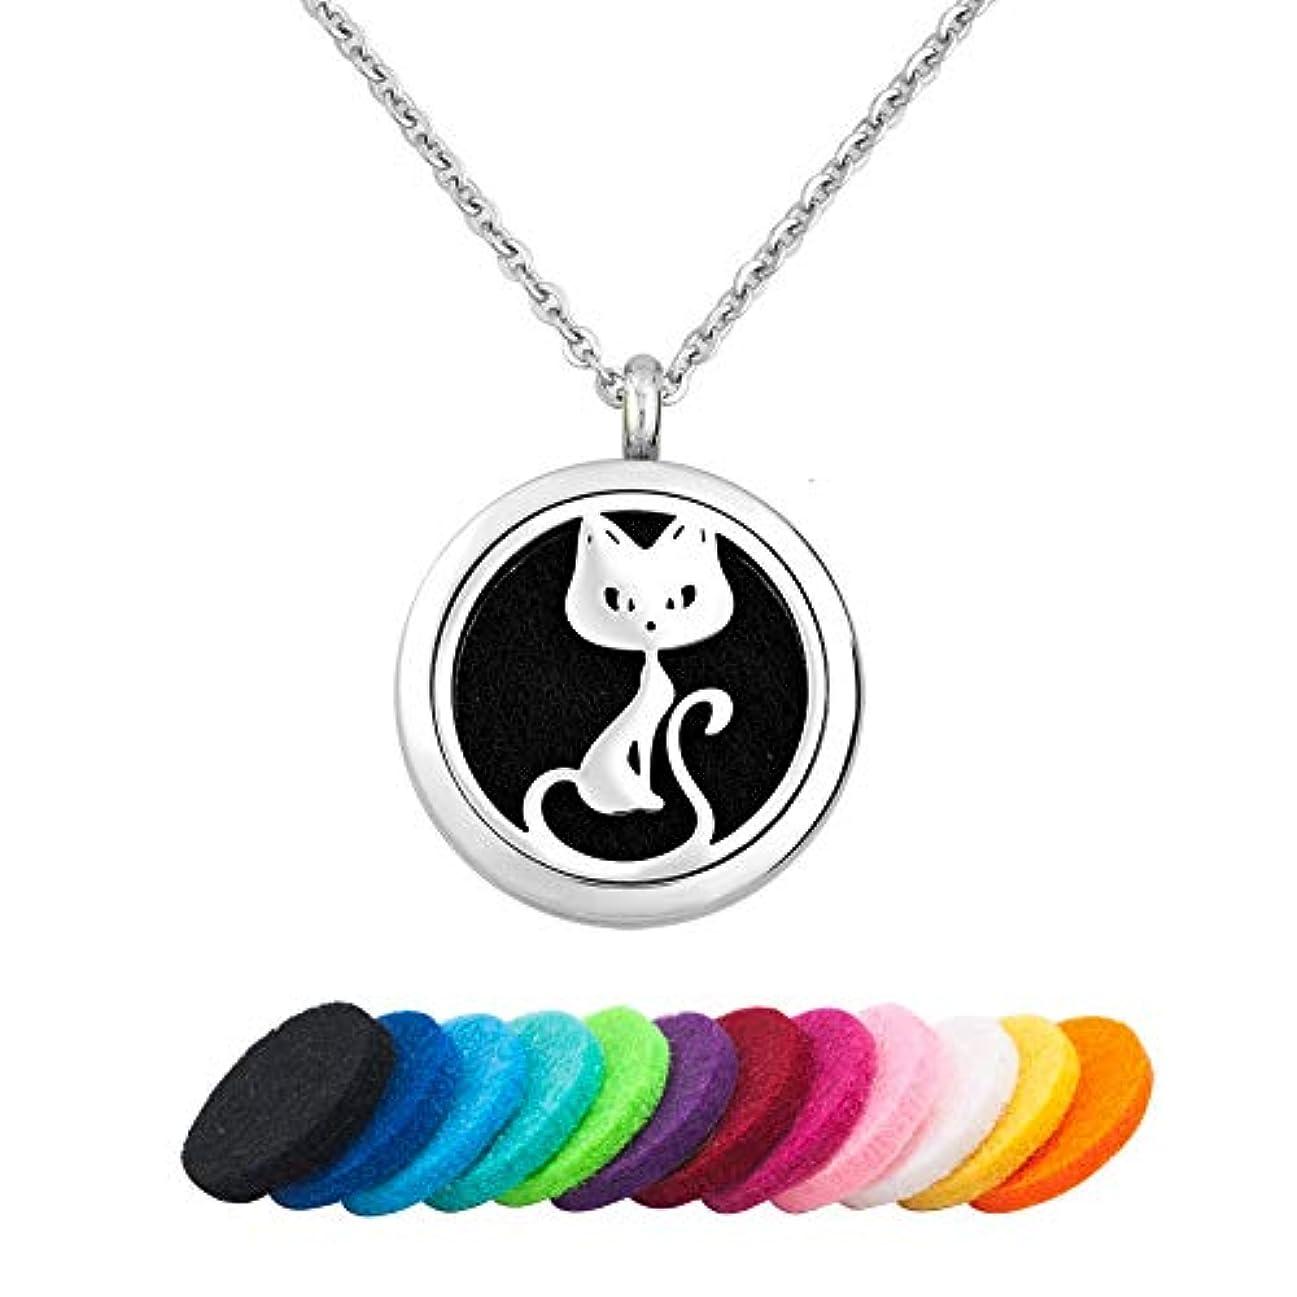 送料ポンプ責めInfinite Memories アロマセラピー 猫 エッセンシャルオイル ディフューザー ネックレス ステンレススチール ペンダントロケット